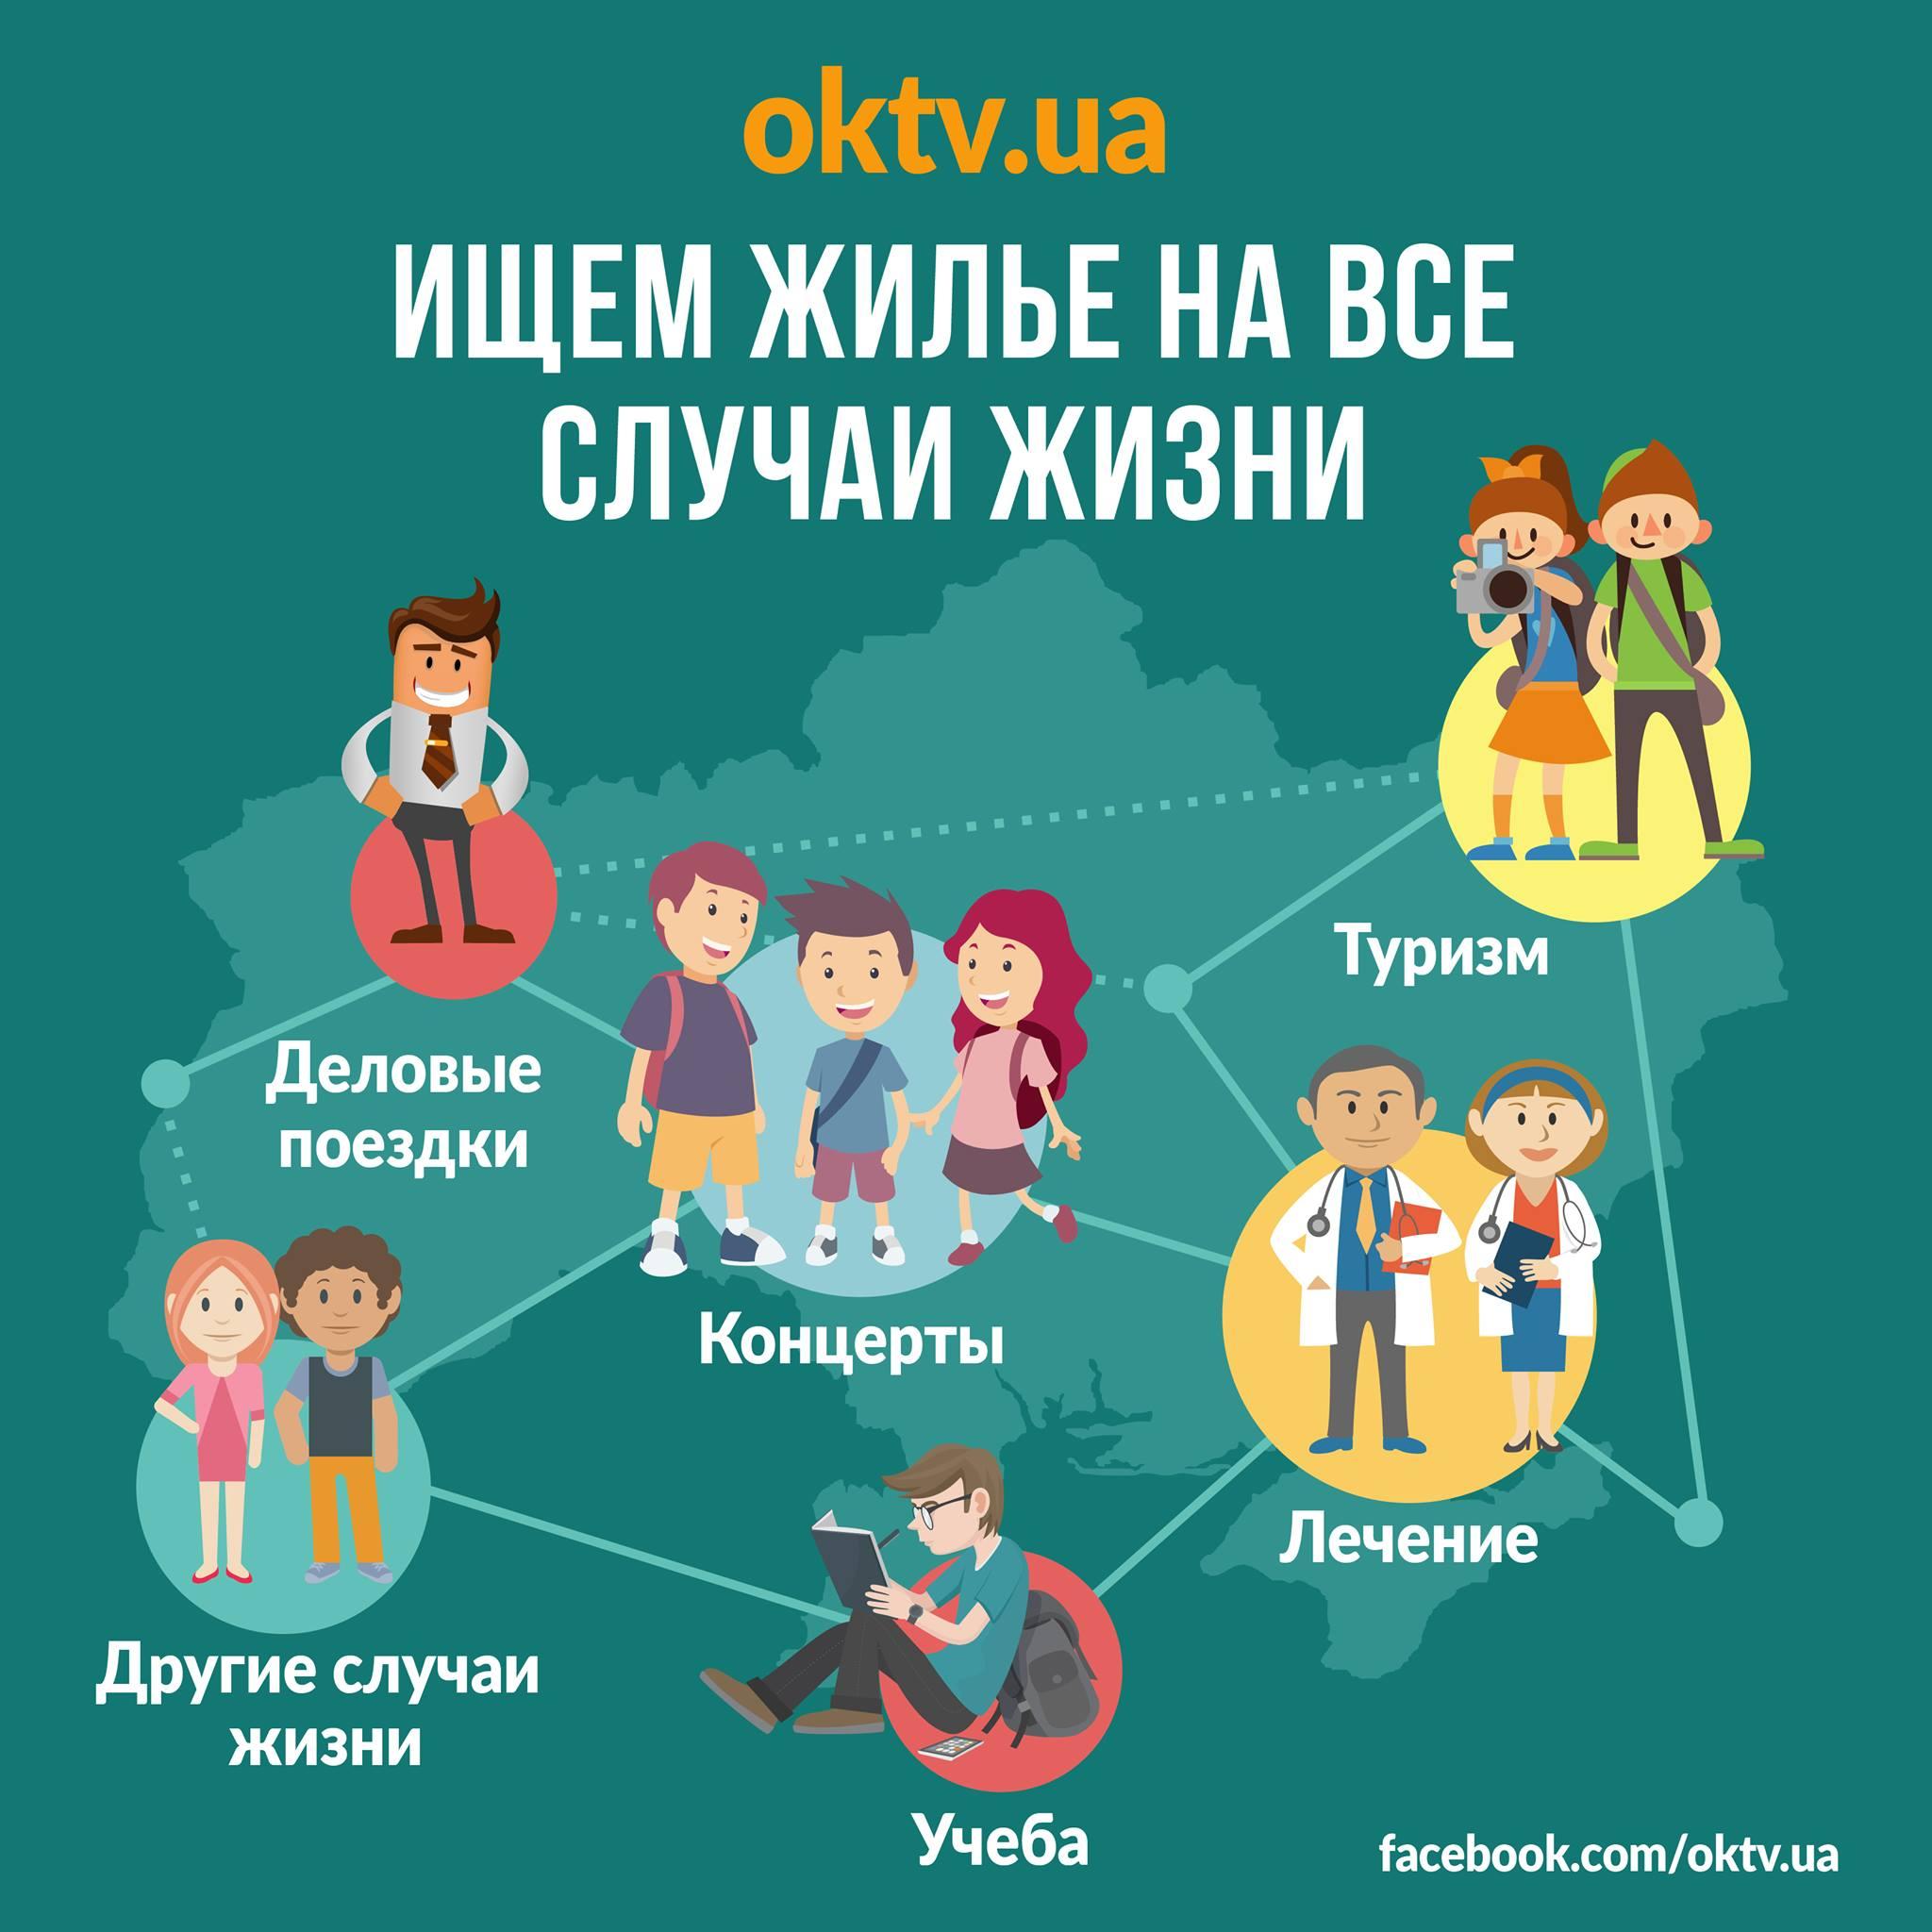 Ищем жилье на все случаи жизни oktv.ua